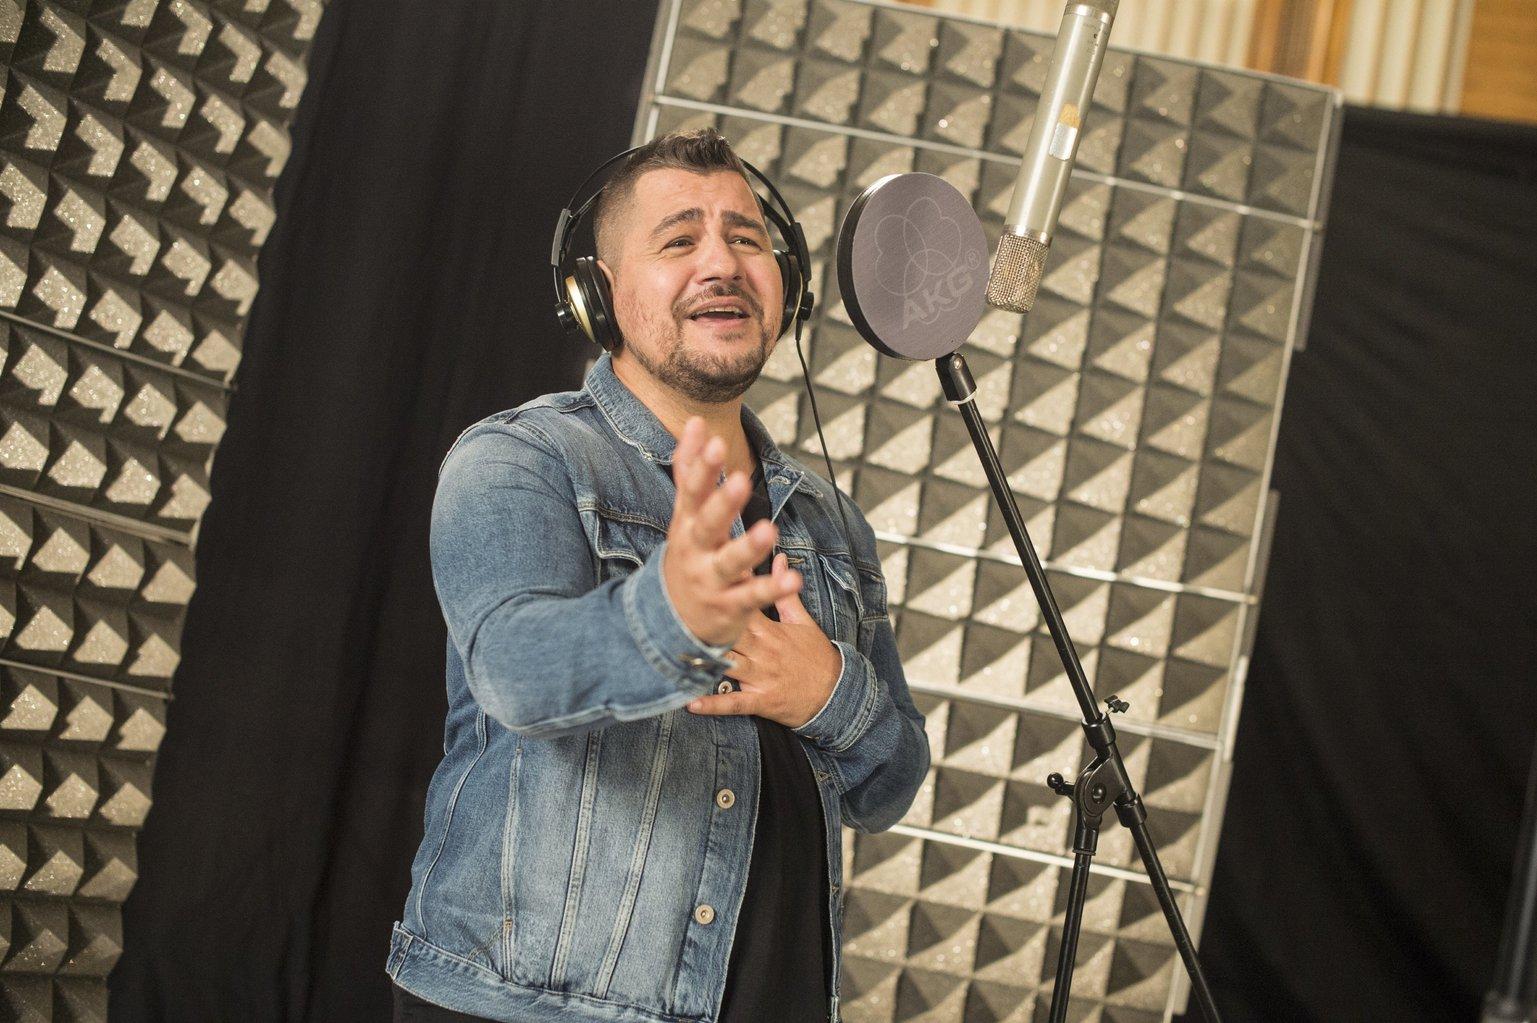 Molnár Ferenc Caramel énekes, zeneszerző (MTI Fotó: Kallos Bea)